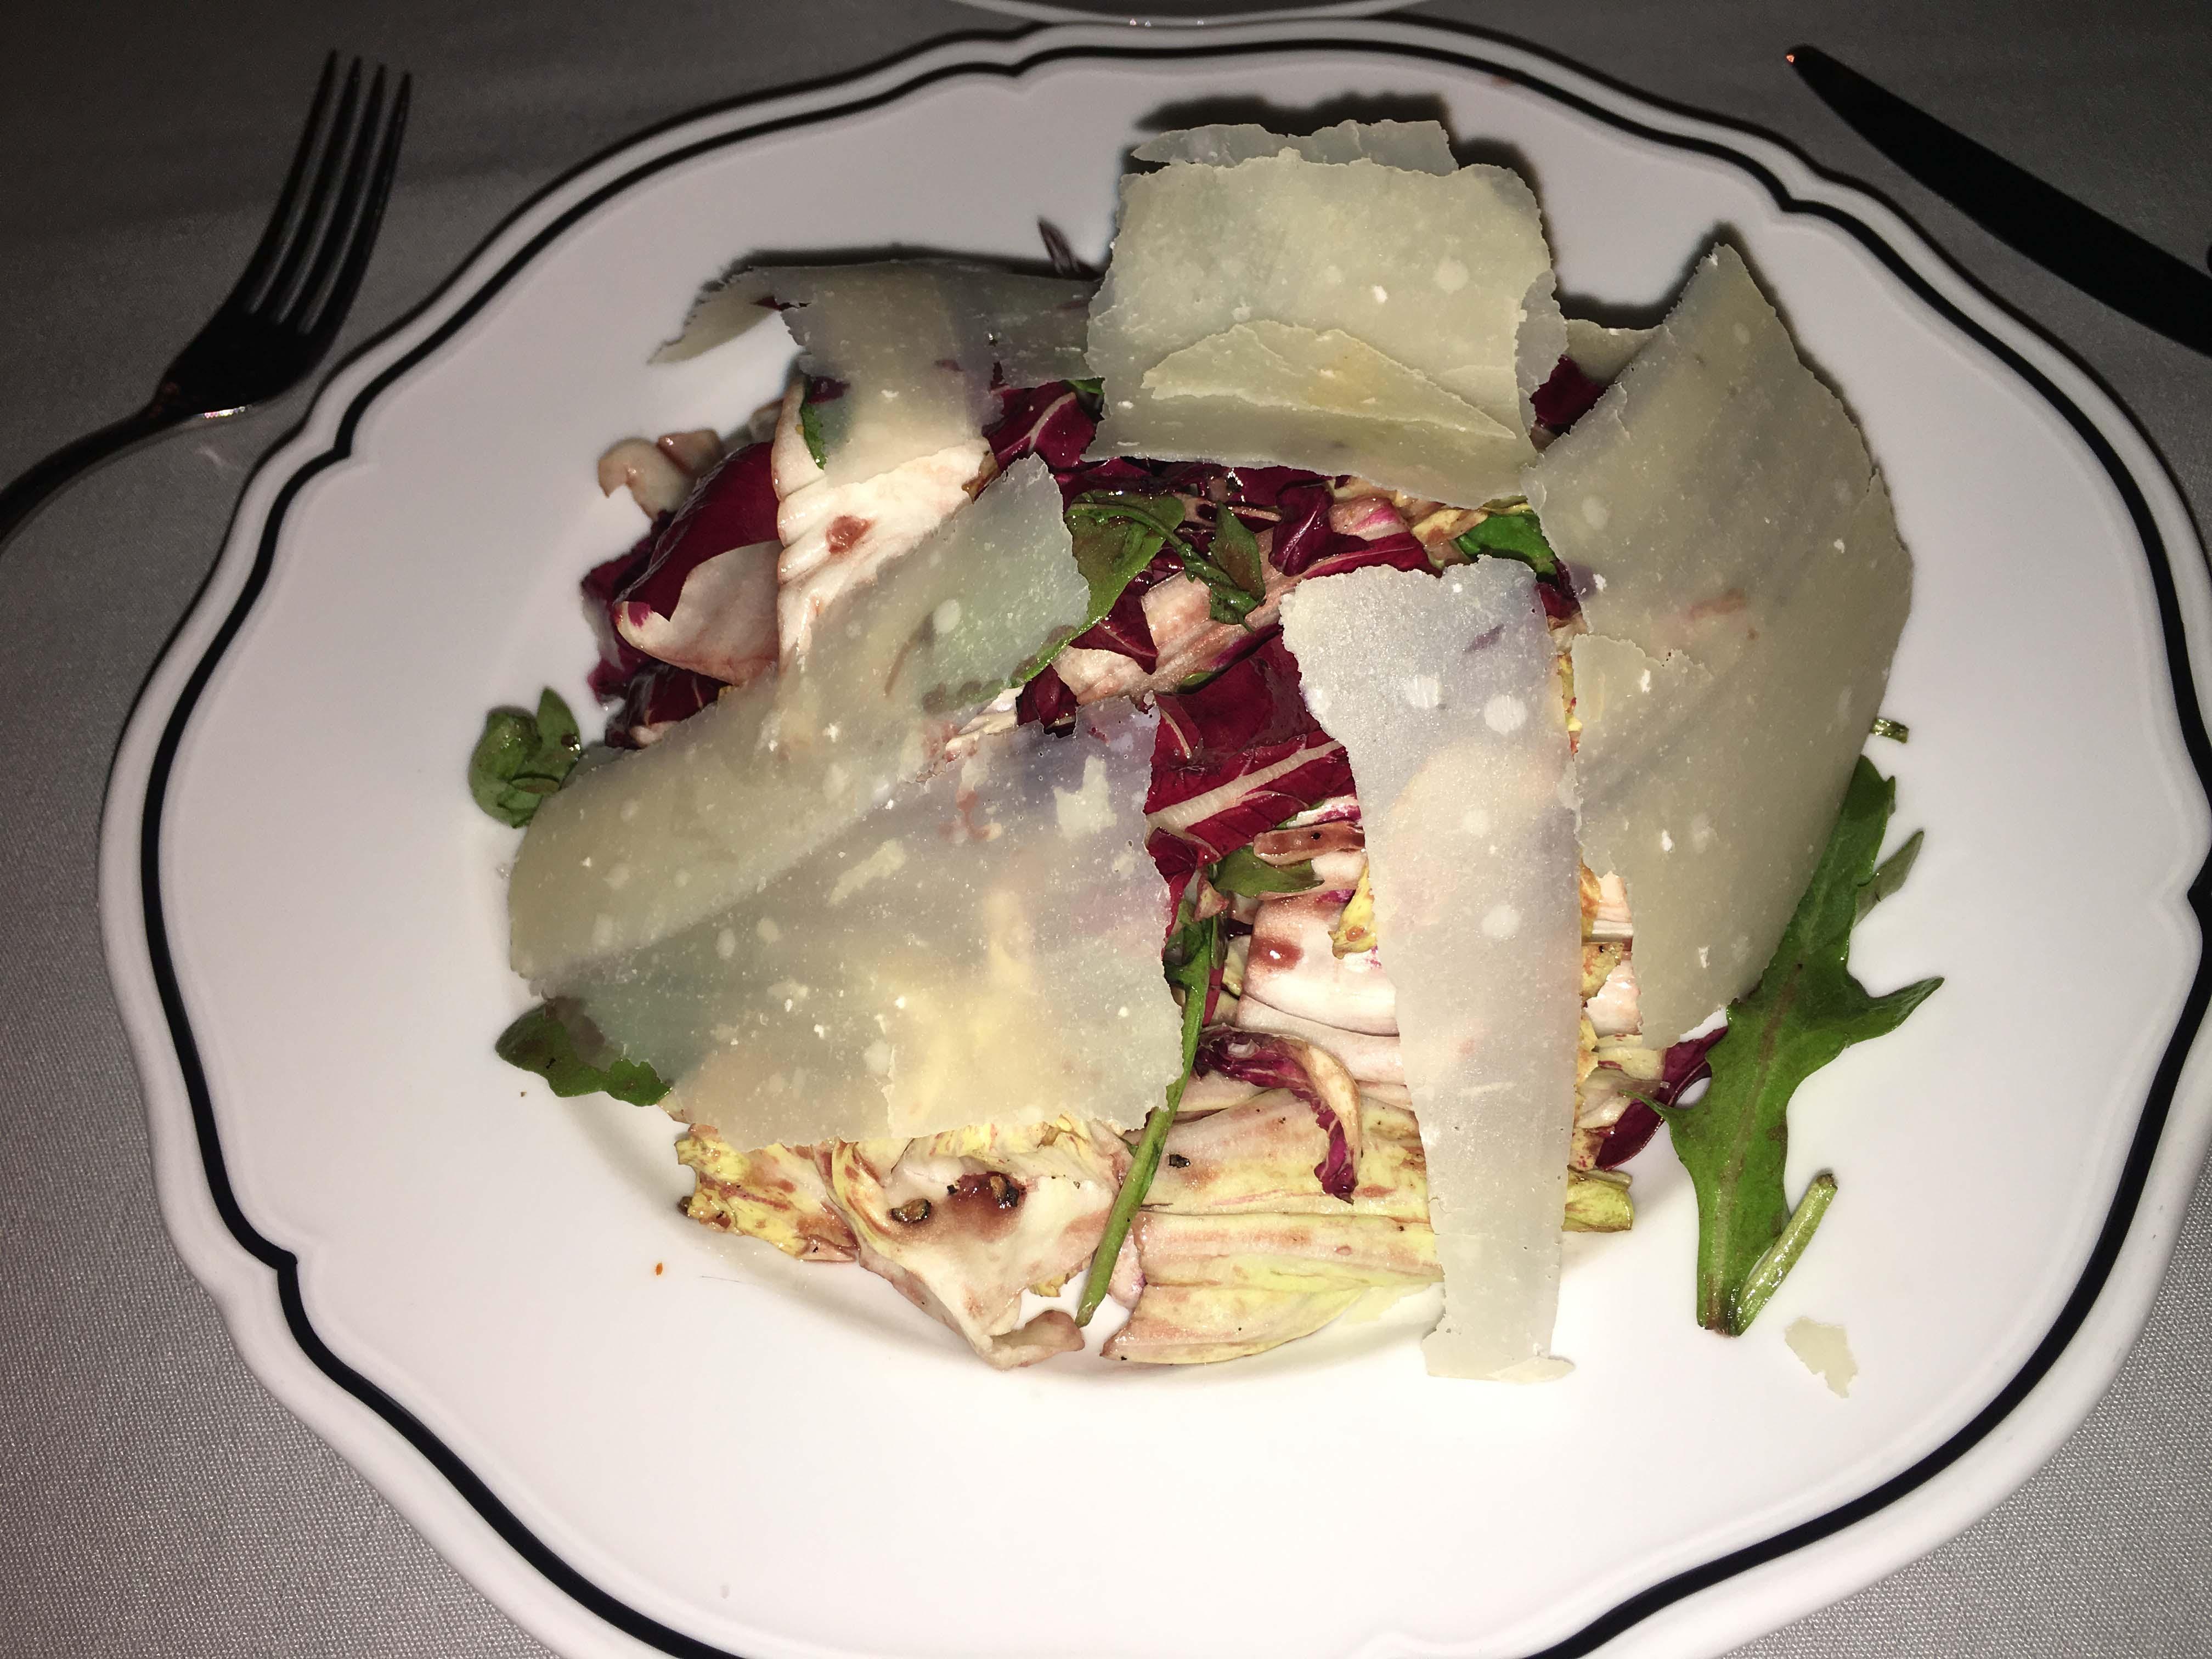 La Sirena salad